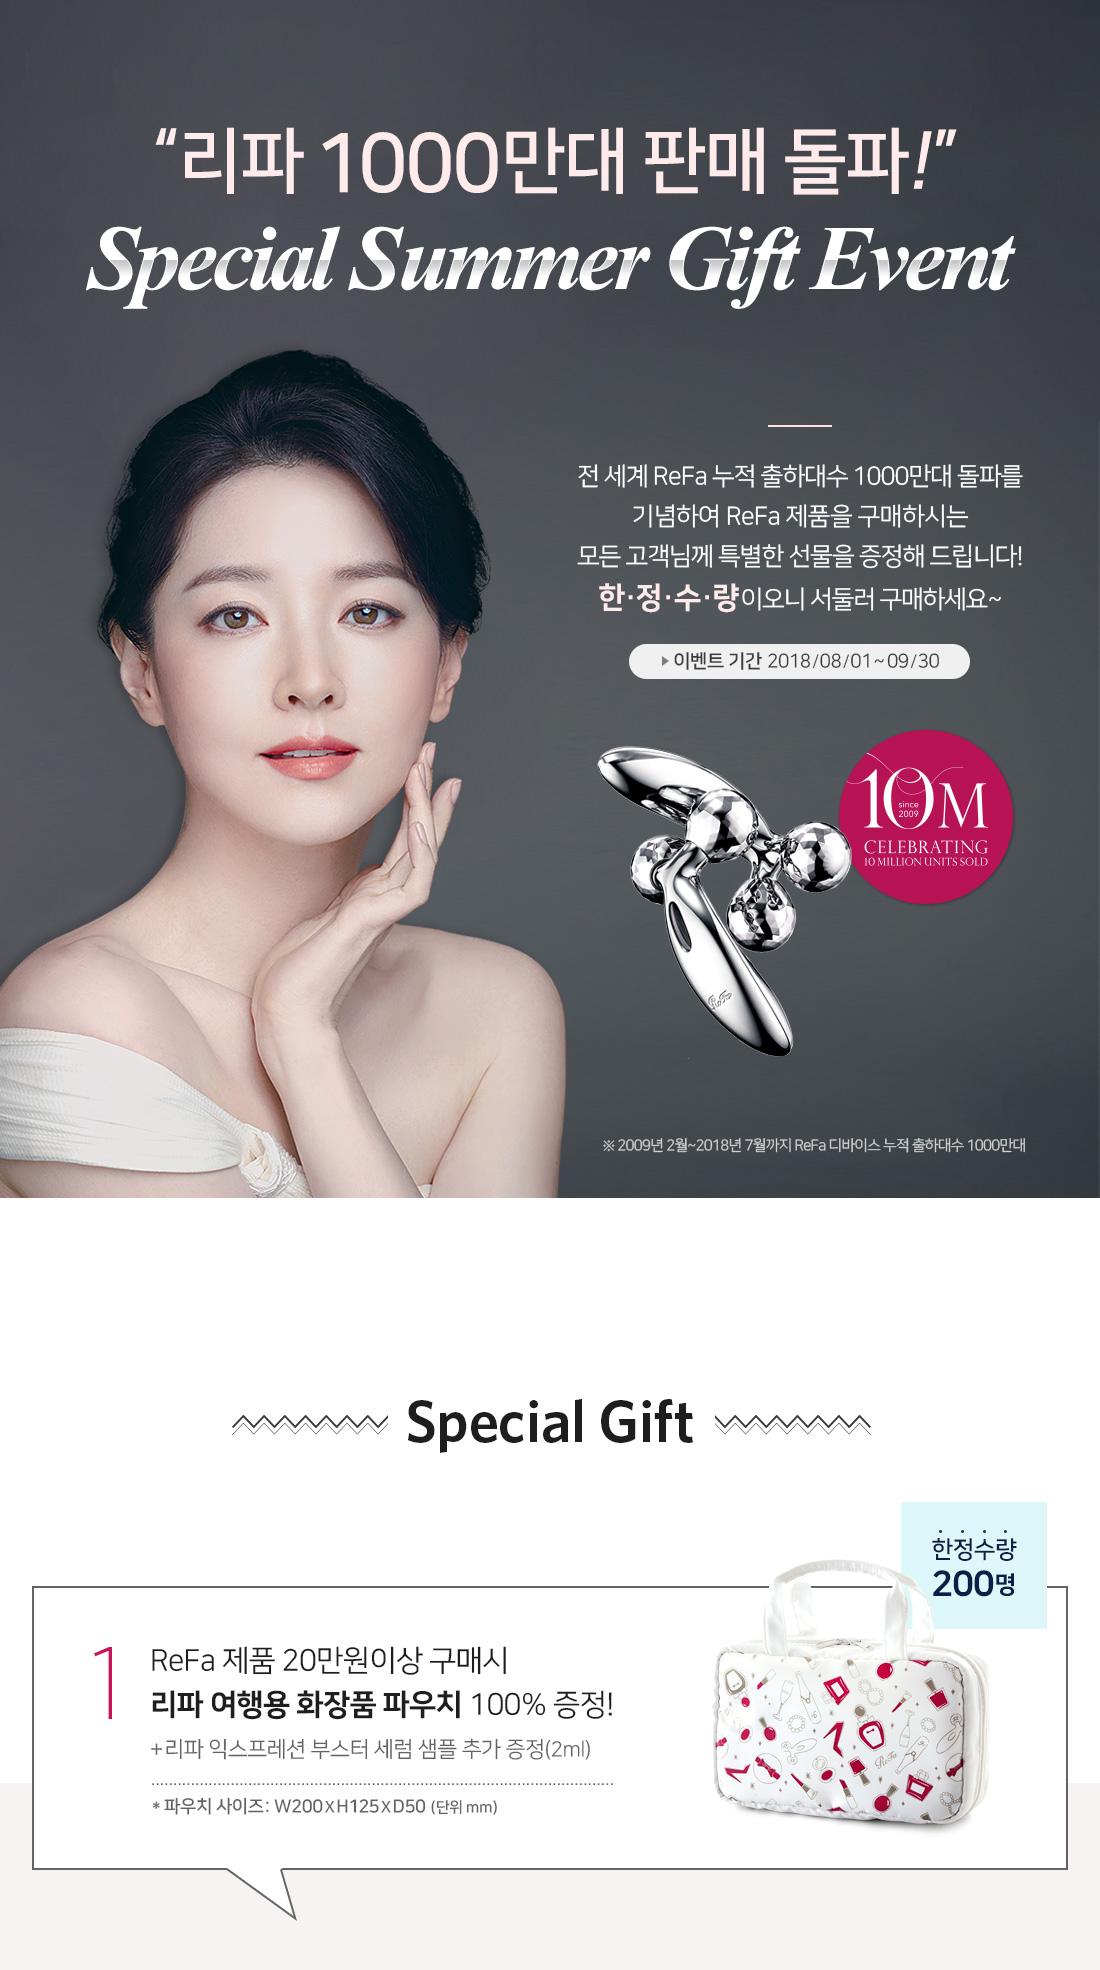 리파 1000만대 판매돌파! Special Summer Gift Event! 1. ReFa 제품 34만원이상 구매시 리파 여행용 파우치 100% 증정!